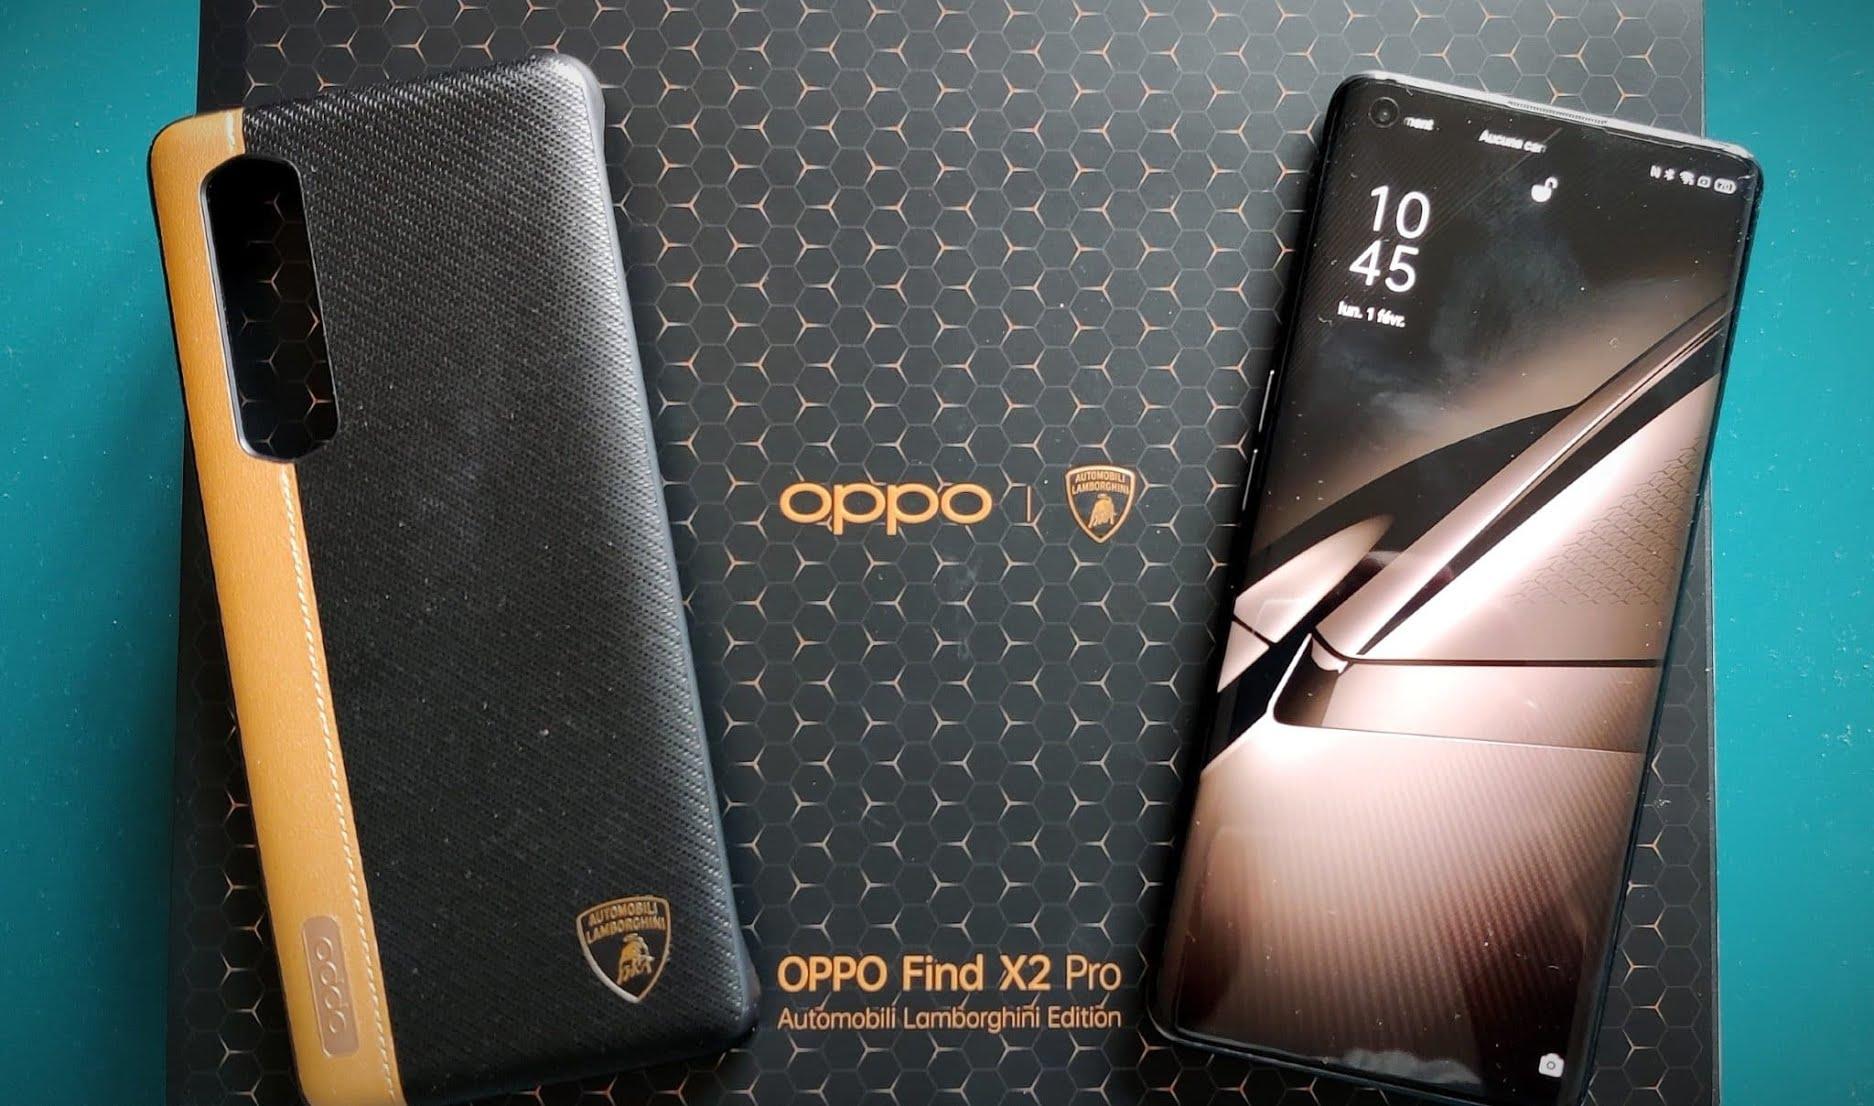 Avis sur l'Oppo Find X2 Pro Lamborghini